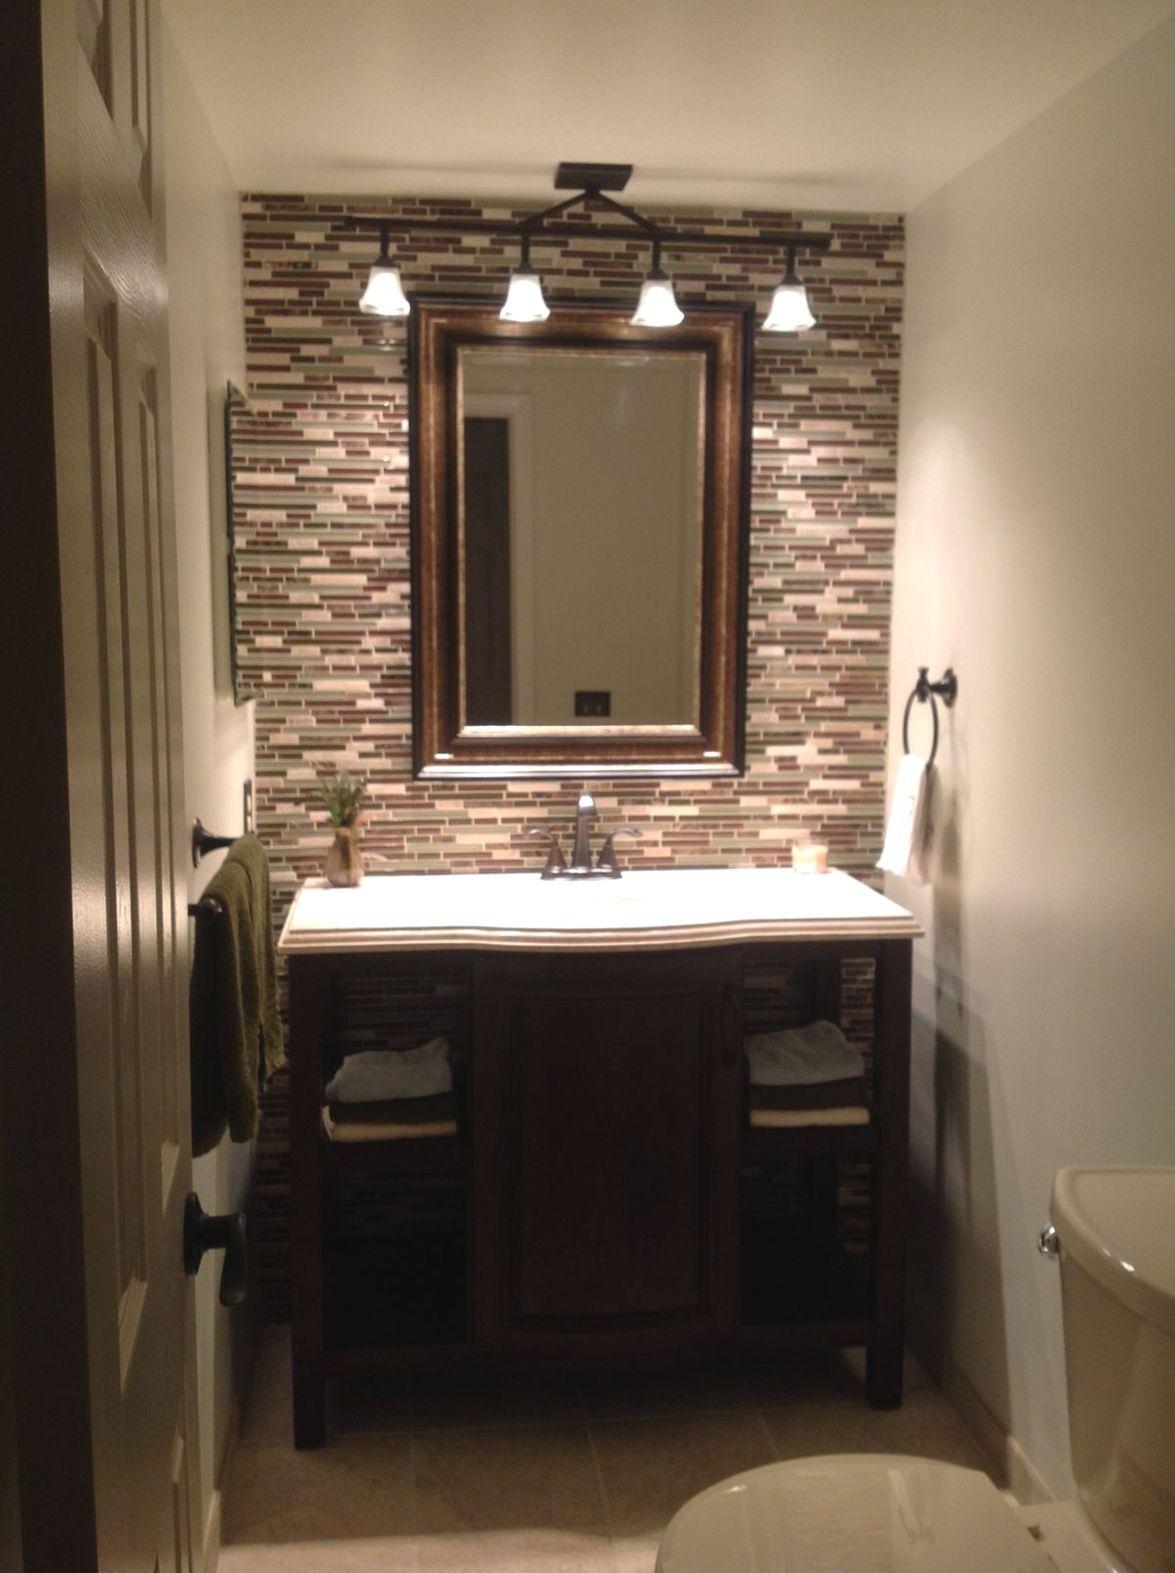 Remodeling Bathroom Lakeland Fl Cuartos De Banos Pequenos Diseno De Banos Modernos Diseno De Banos